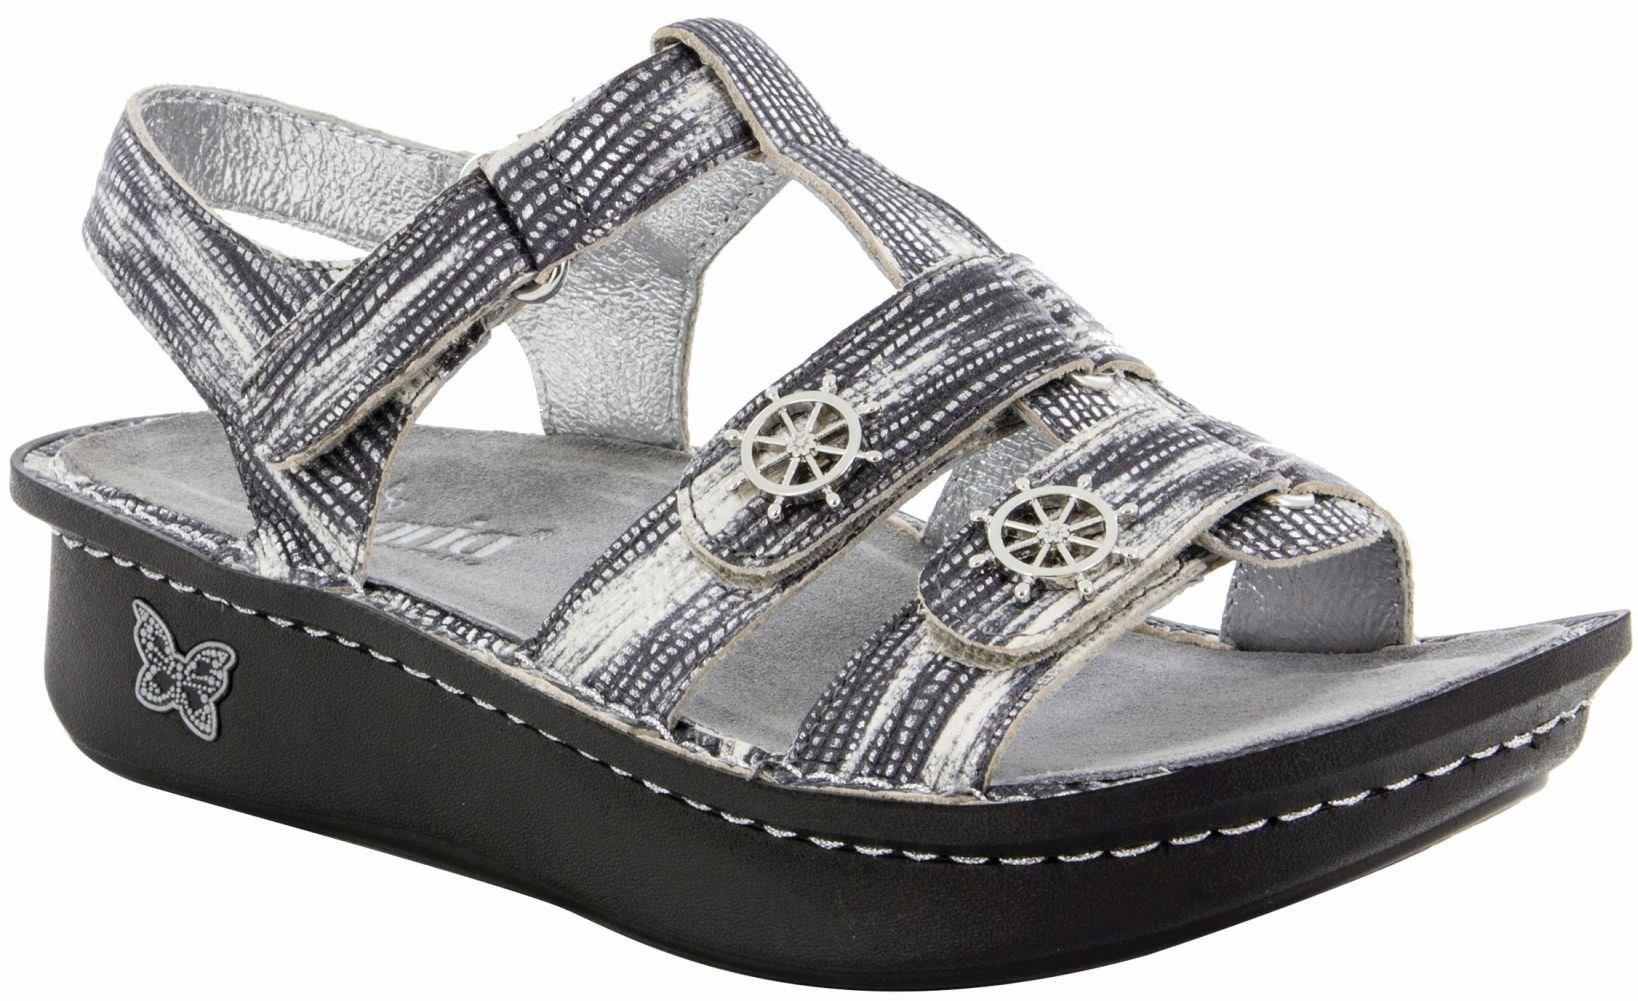 Alegria Women's Kleo Gladiator 840 Sandal Wrapture 35